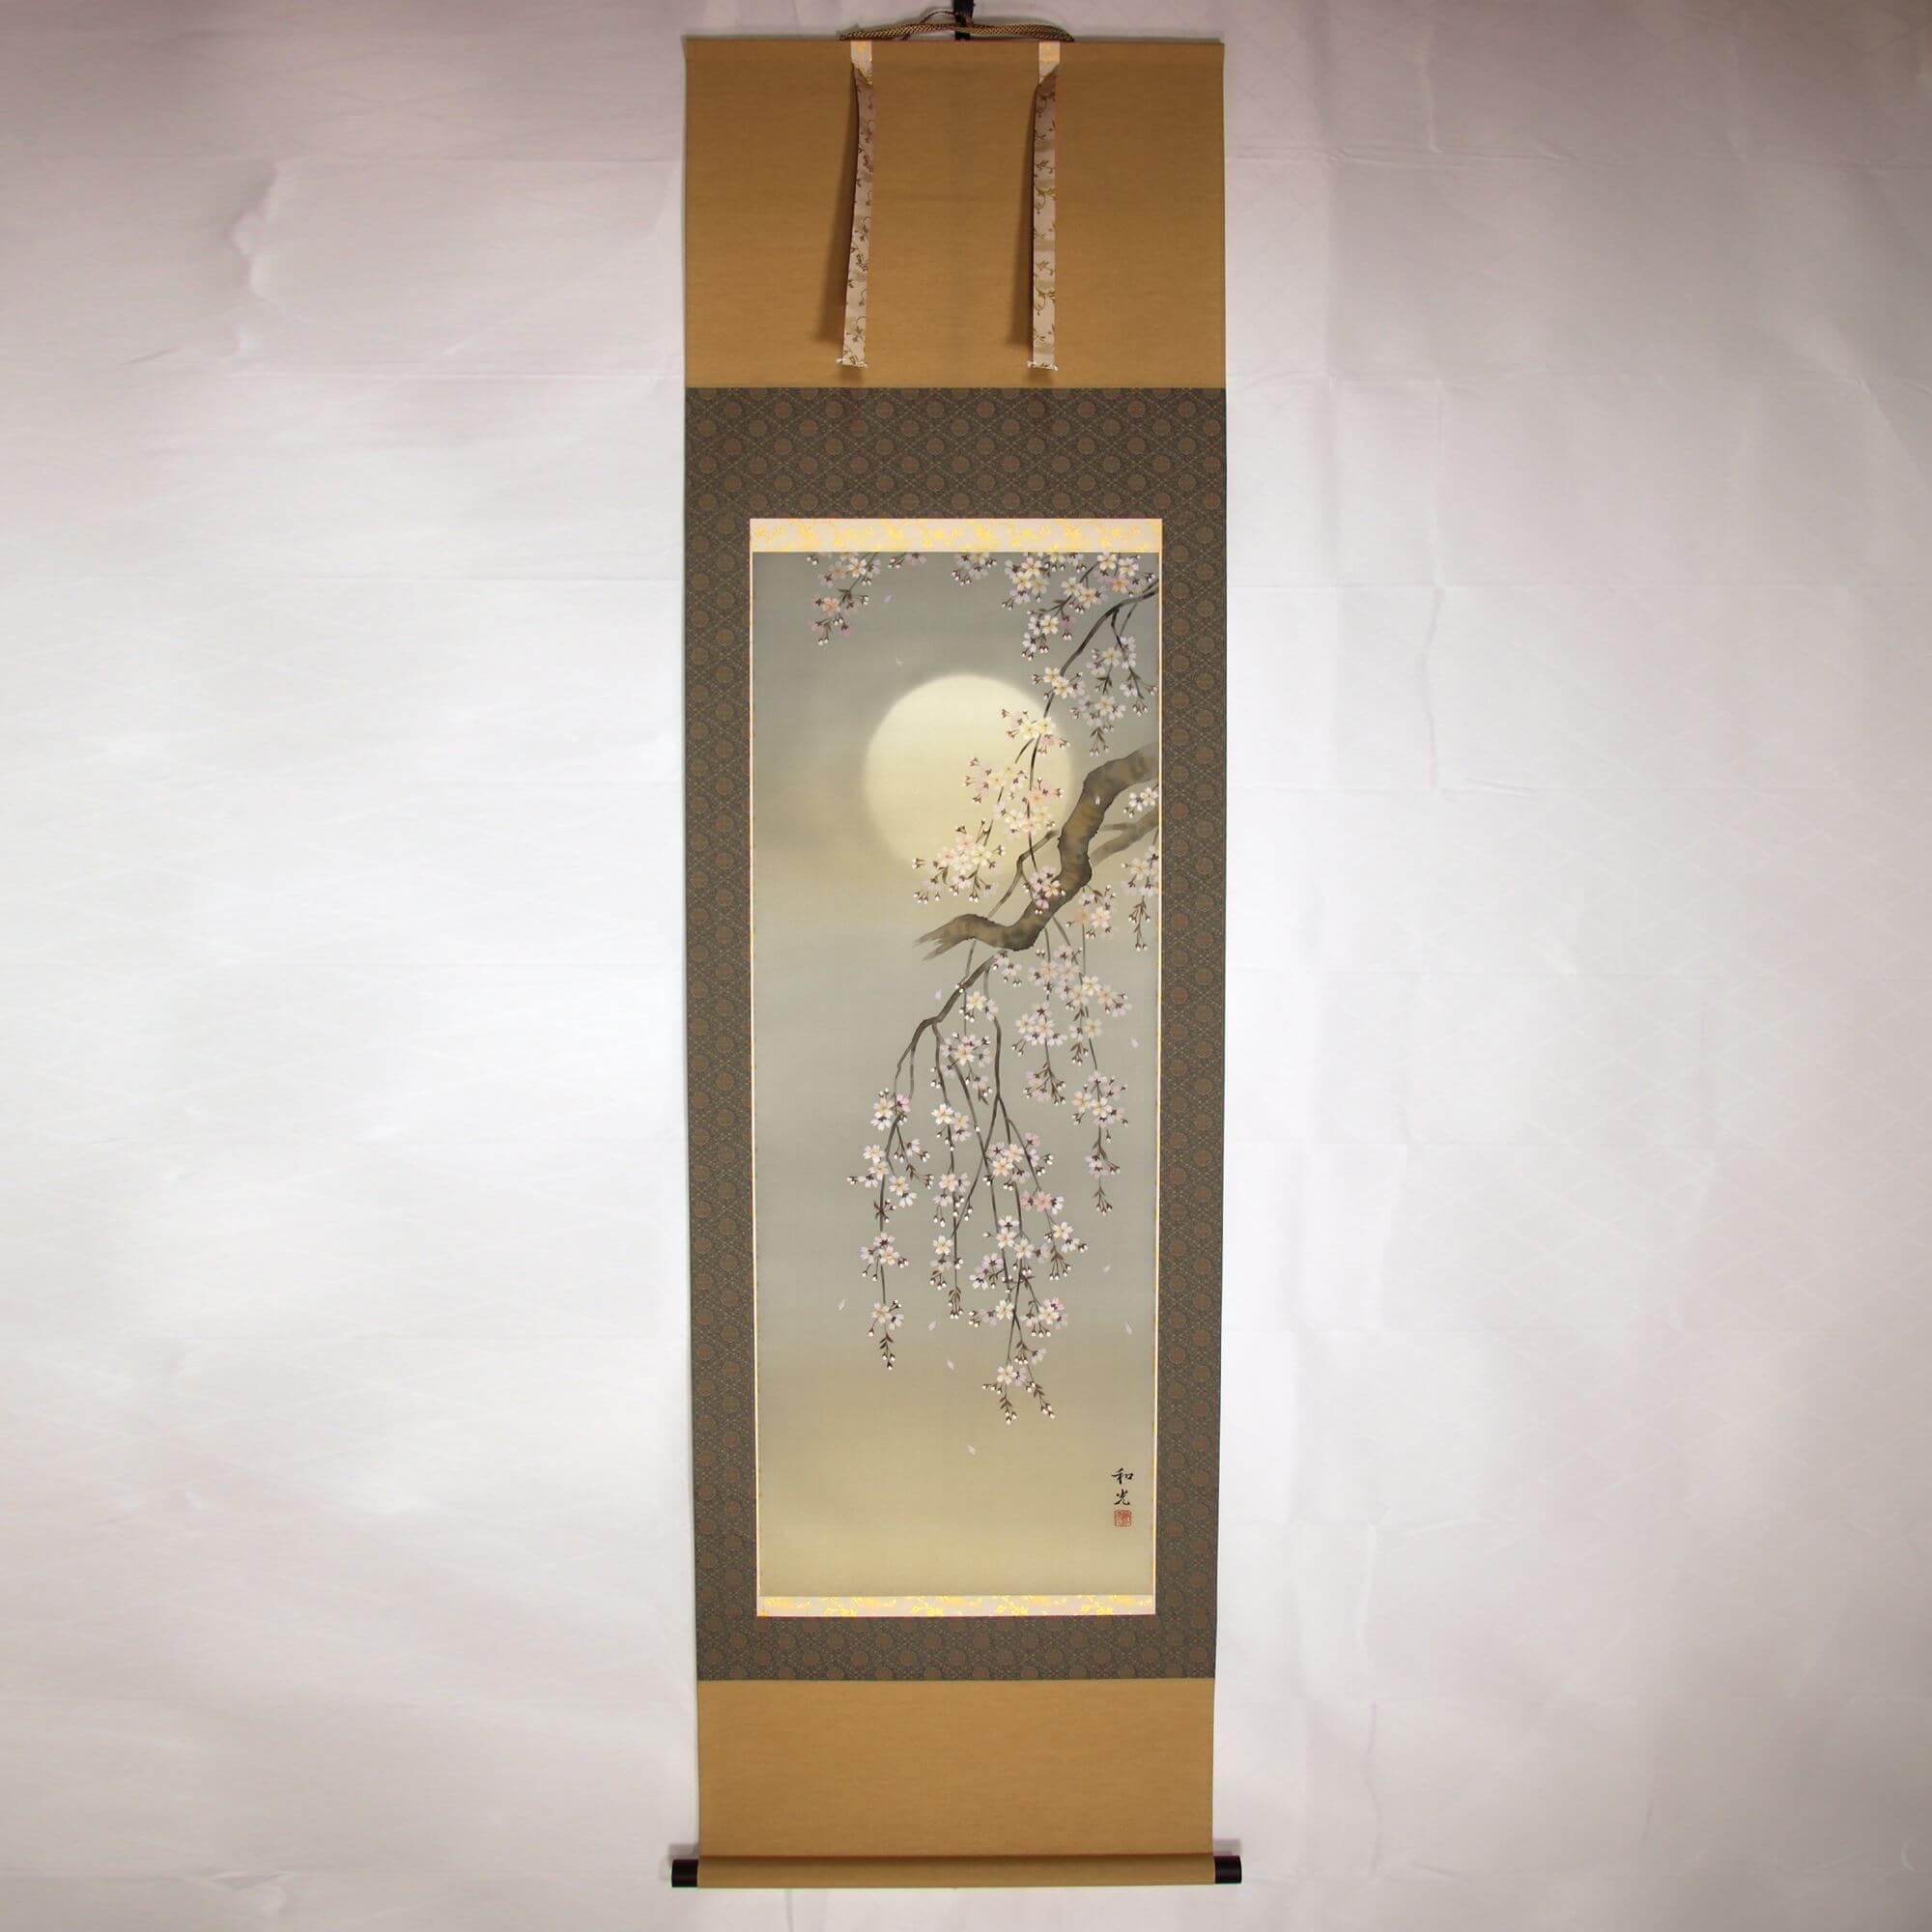 三宅和光 / 夜桜